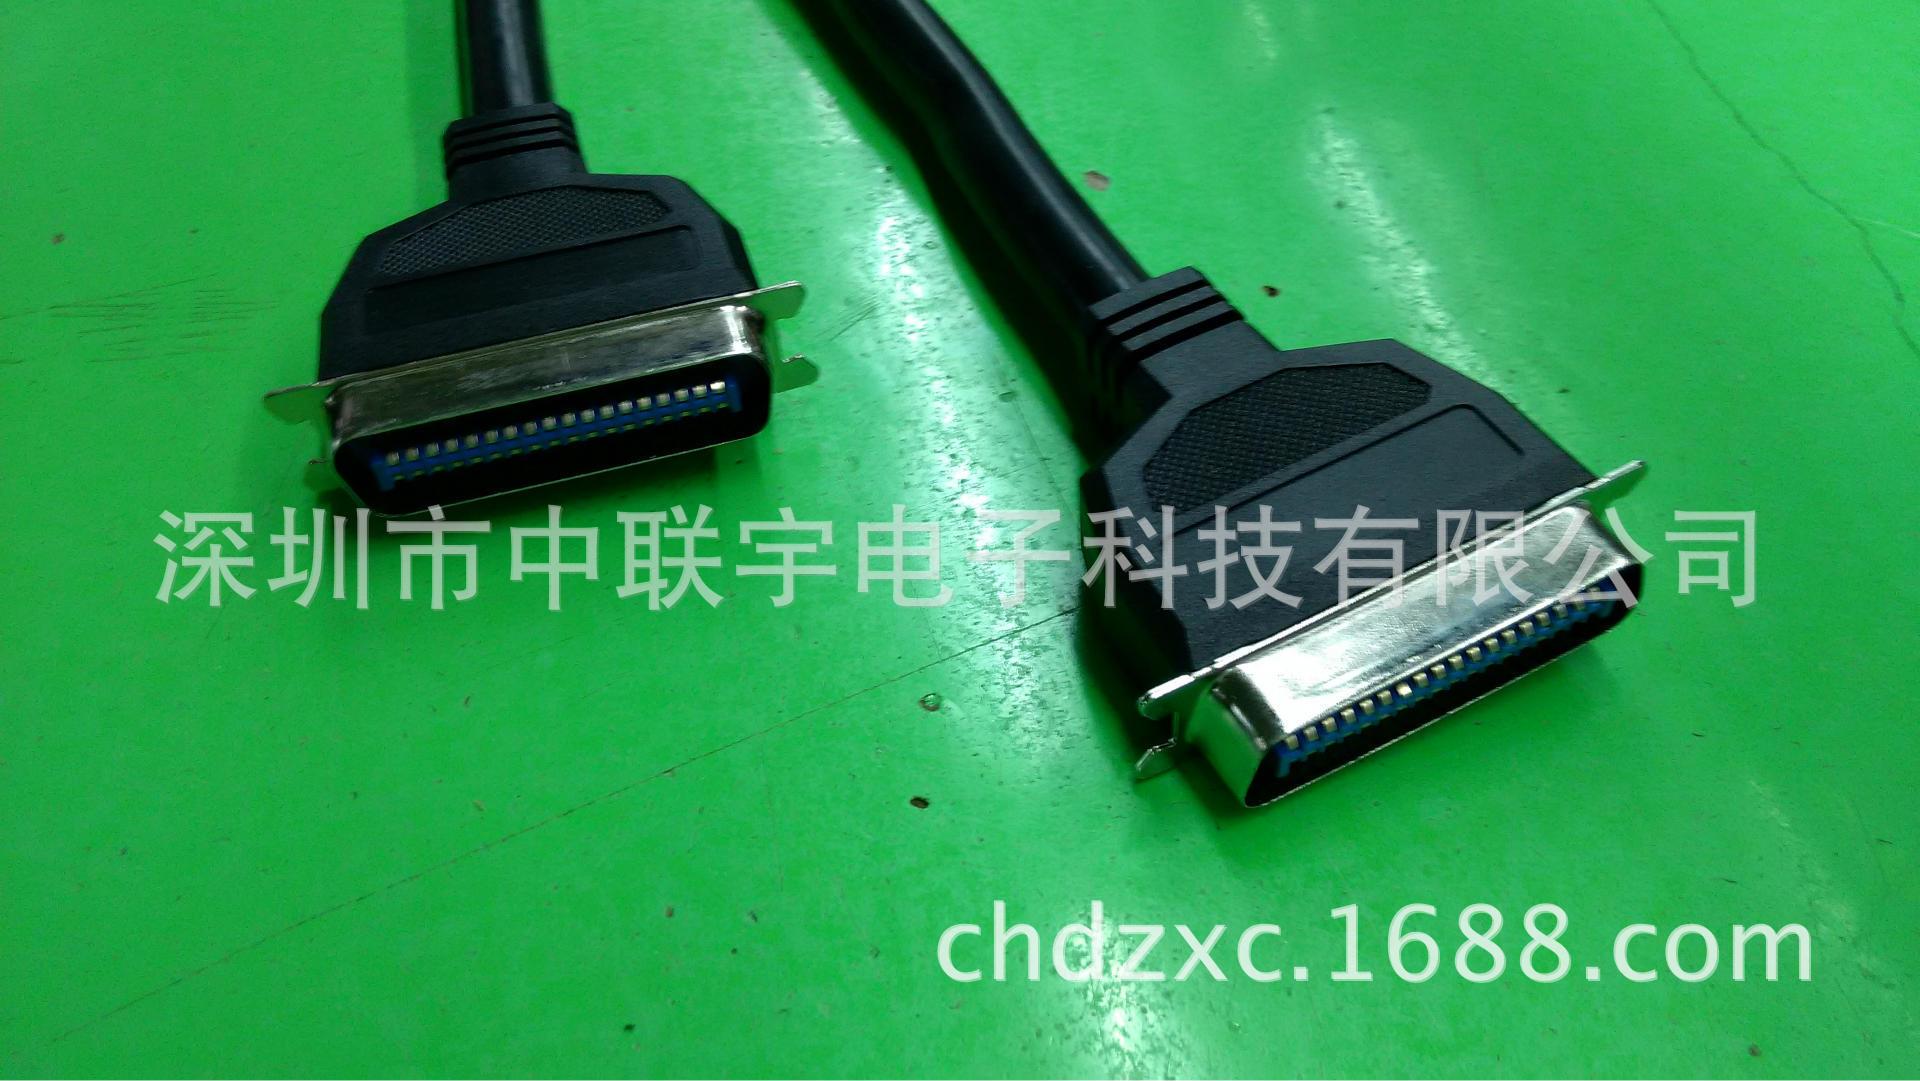 工厂定制CN36转CN36打印线 工程长线 并口打印线  并口共享器